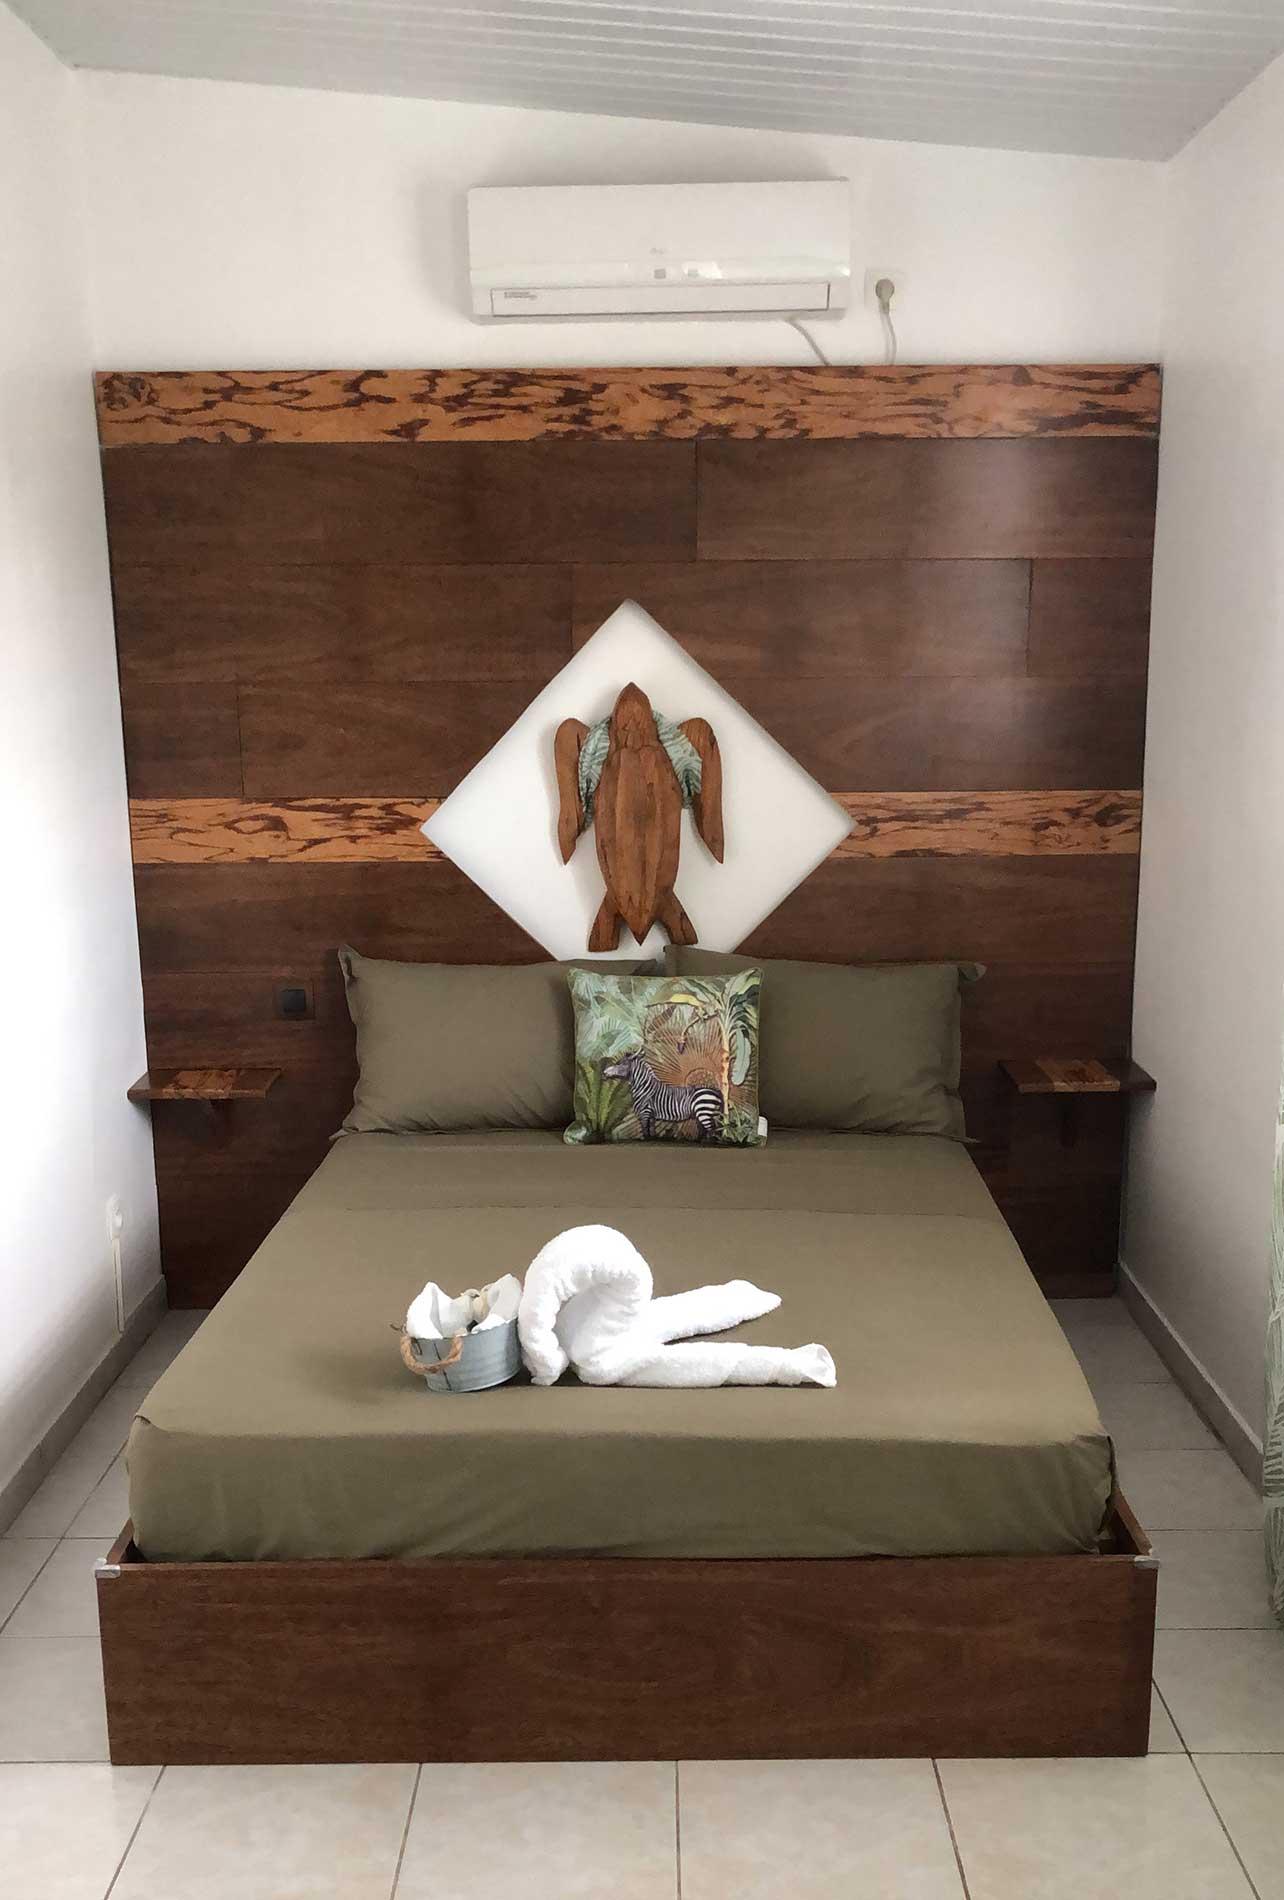 Vu sur le lit en bois coeur dehors et bois serpent. Au centre dans un losange de lumière, on trouve une tortue de 80cm de diamètre toute en bois serpent. La tête de lit comprend deux tablettes pour poser les affaires personnelles (télécommandes, téléphones, tablettes...)